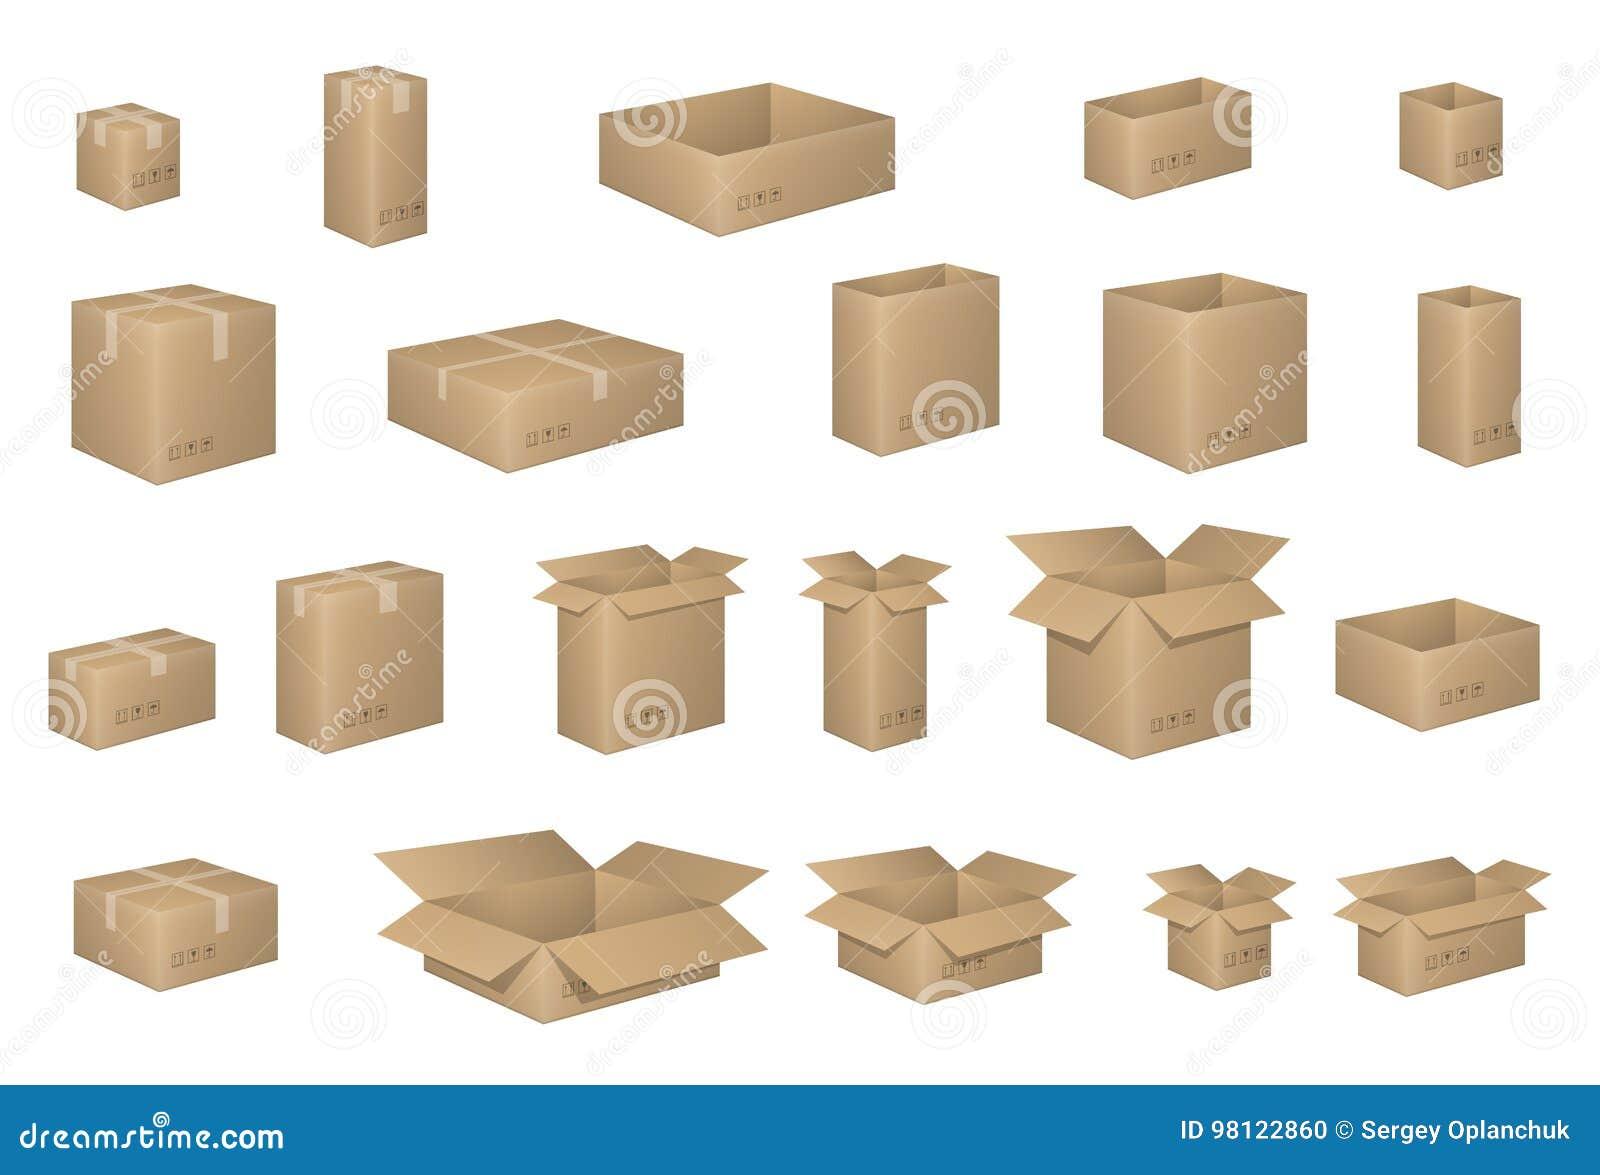 Grupo grande de caixas de cartão isométricas no branco Caixa da caixa organizada por camadas Ilustração do vetor do empacotamento